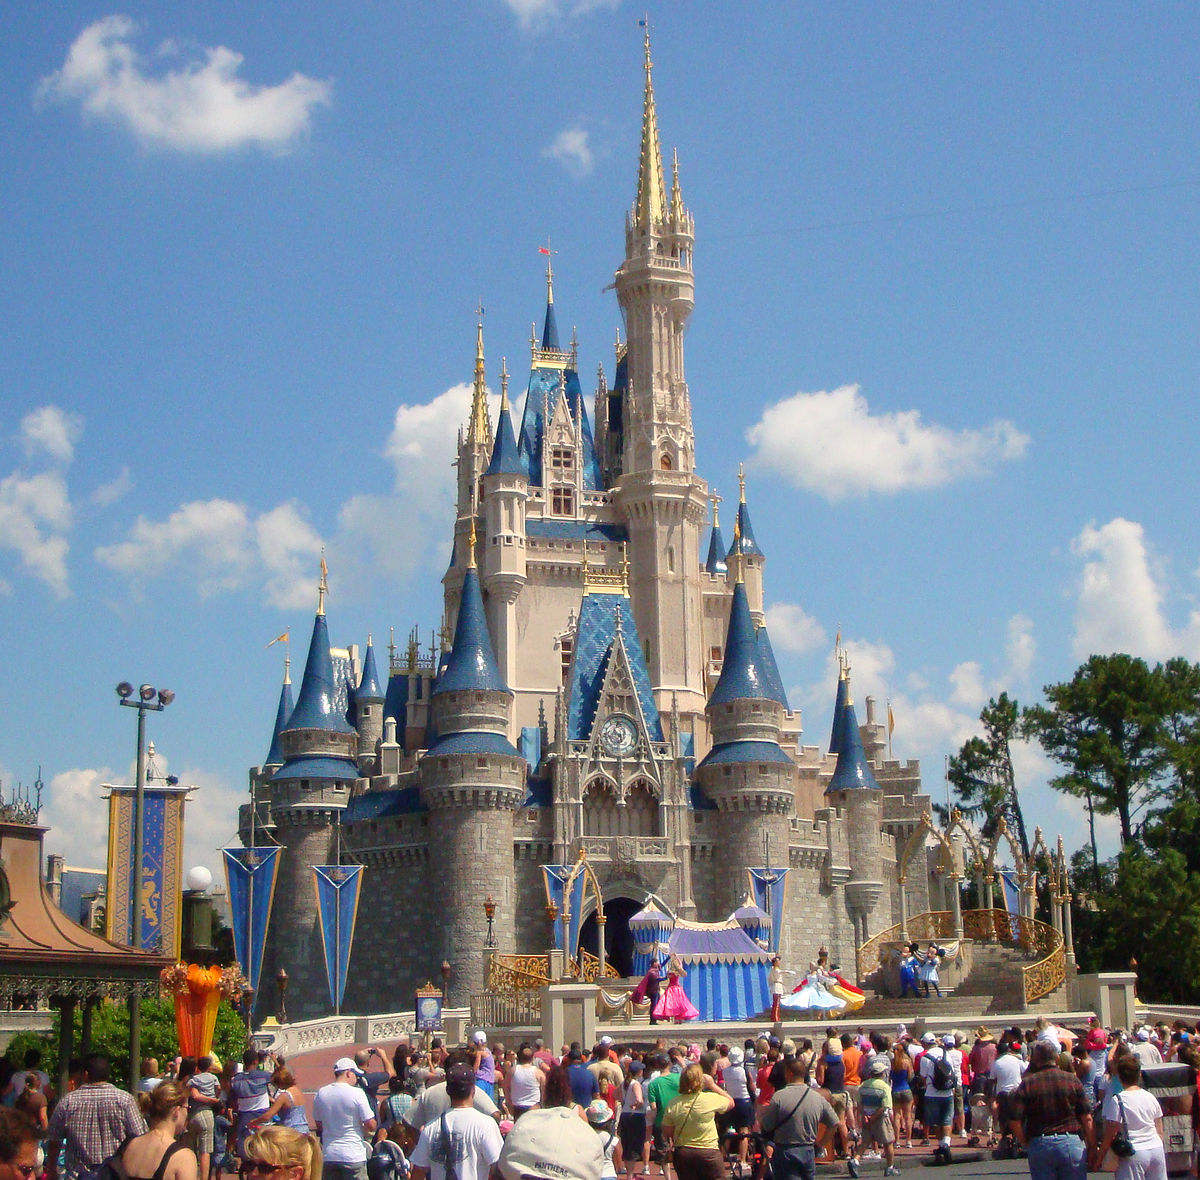 Cinderella_castle_2008.jpg